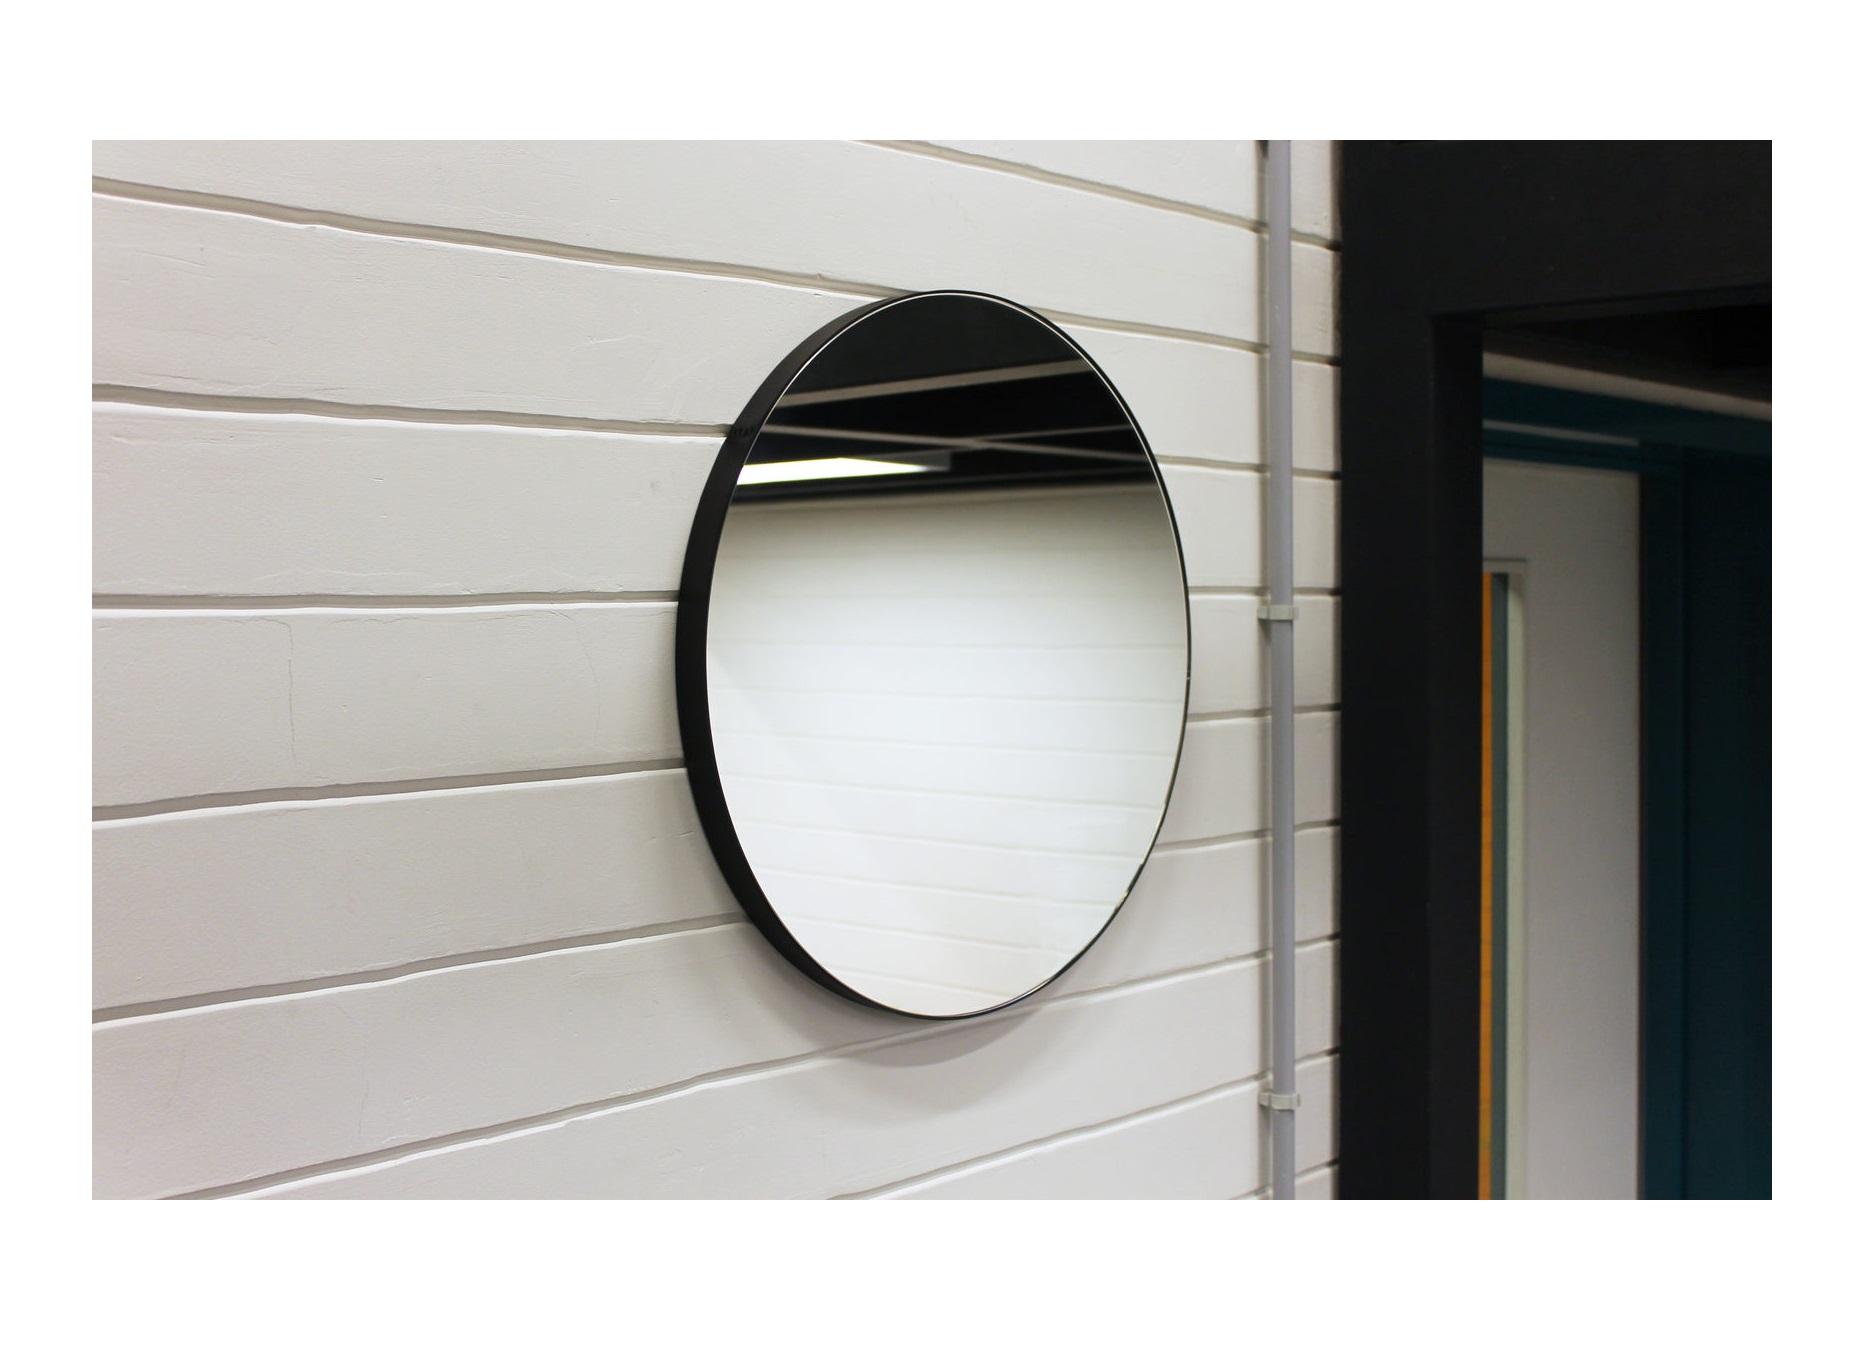 Круглое зеркало (banska) черный 53x53x2.4 см.